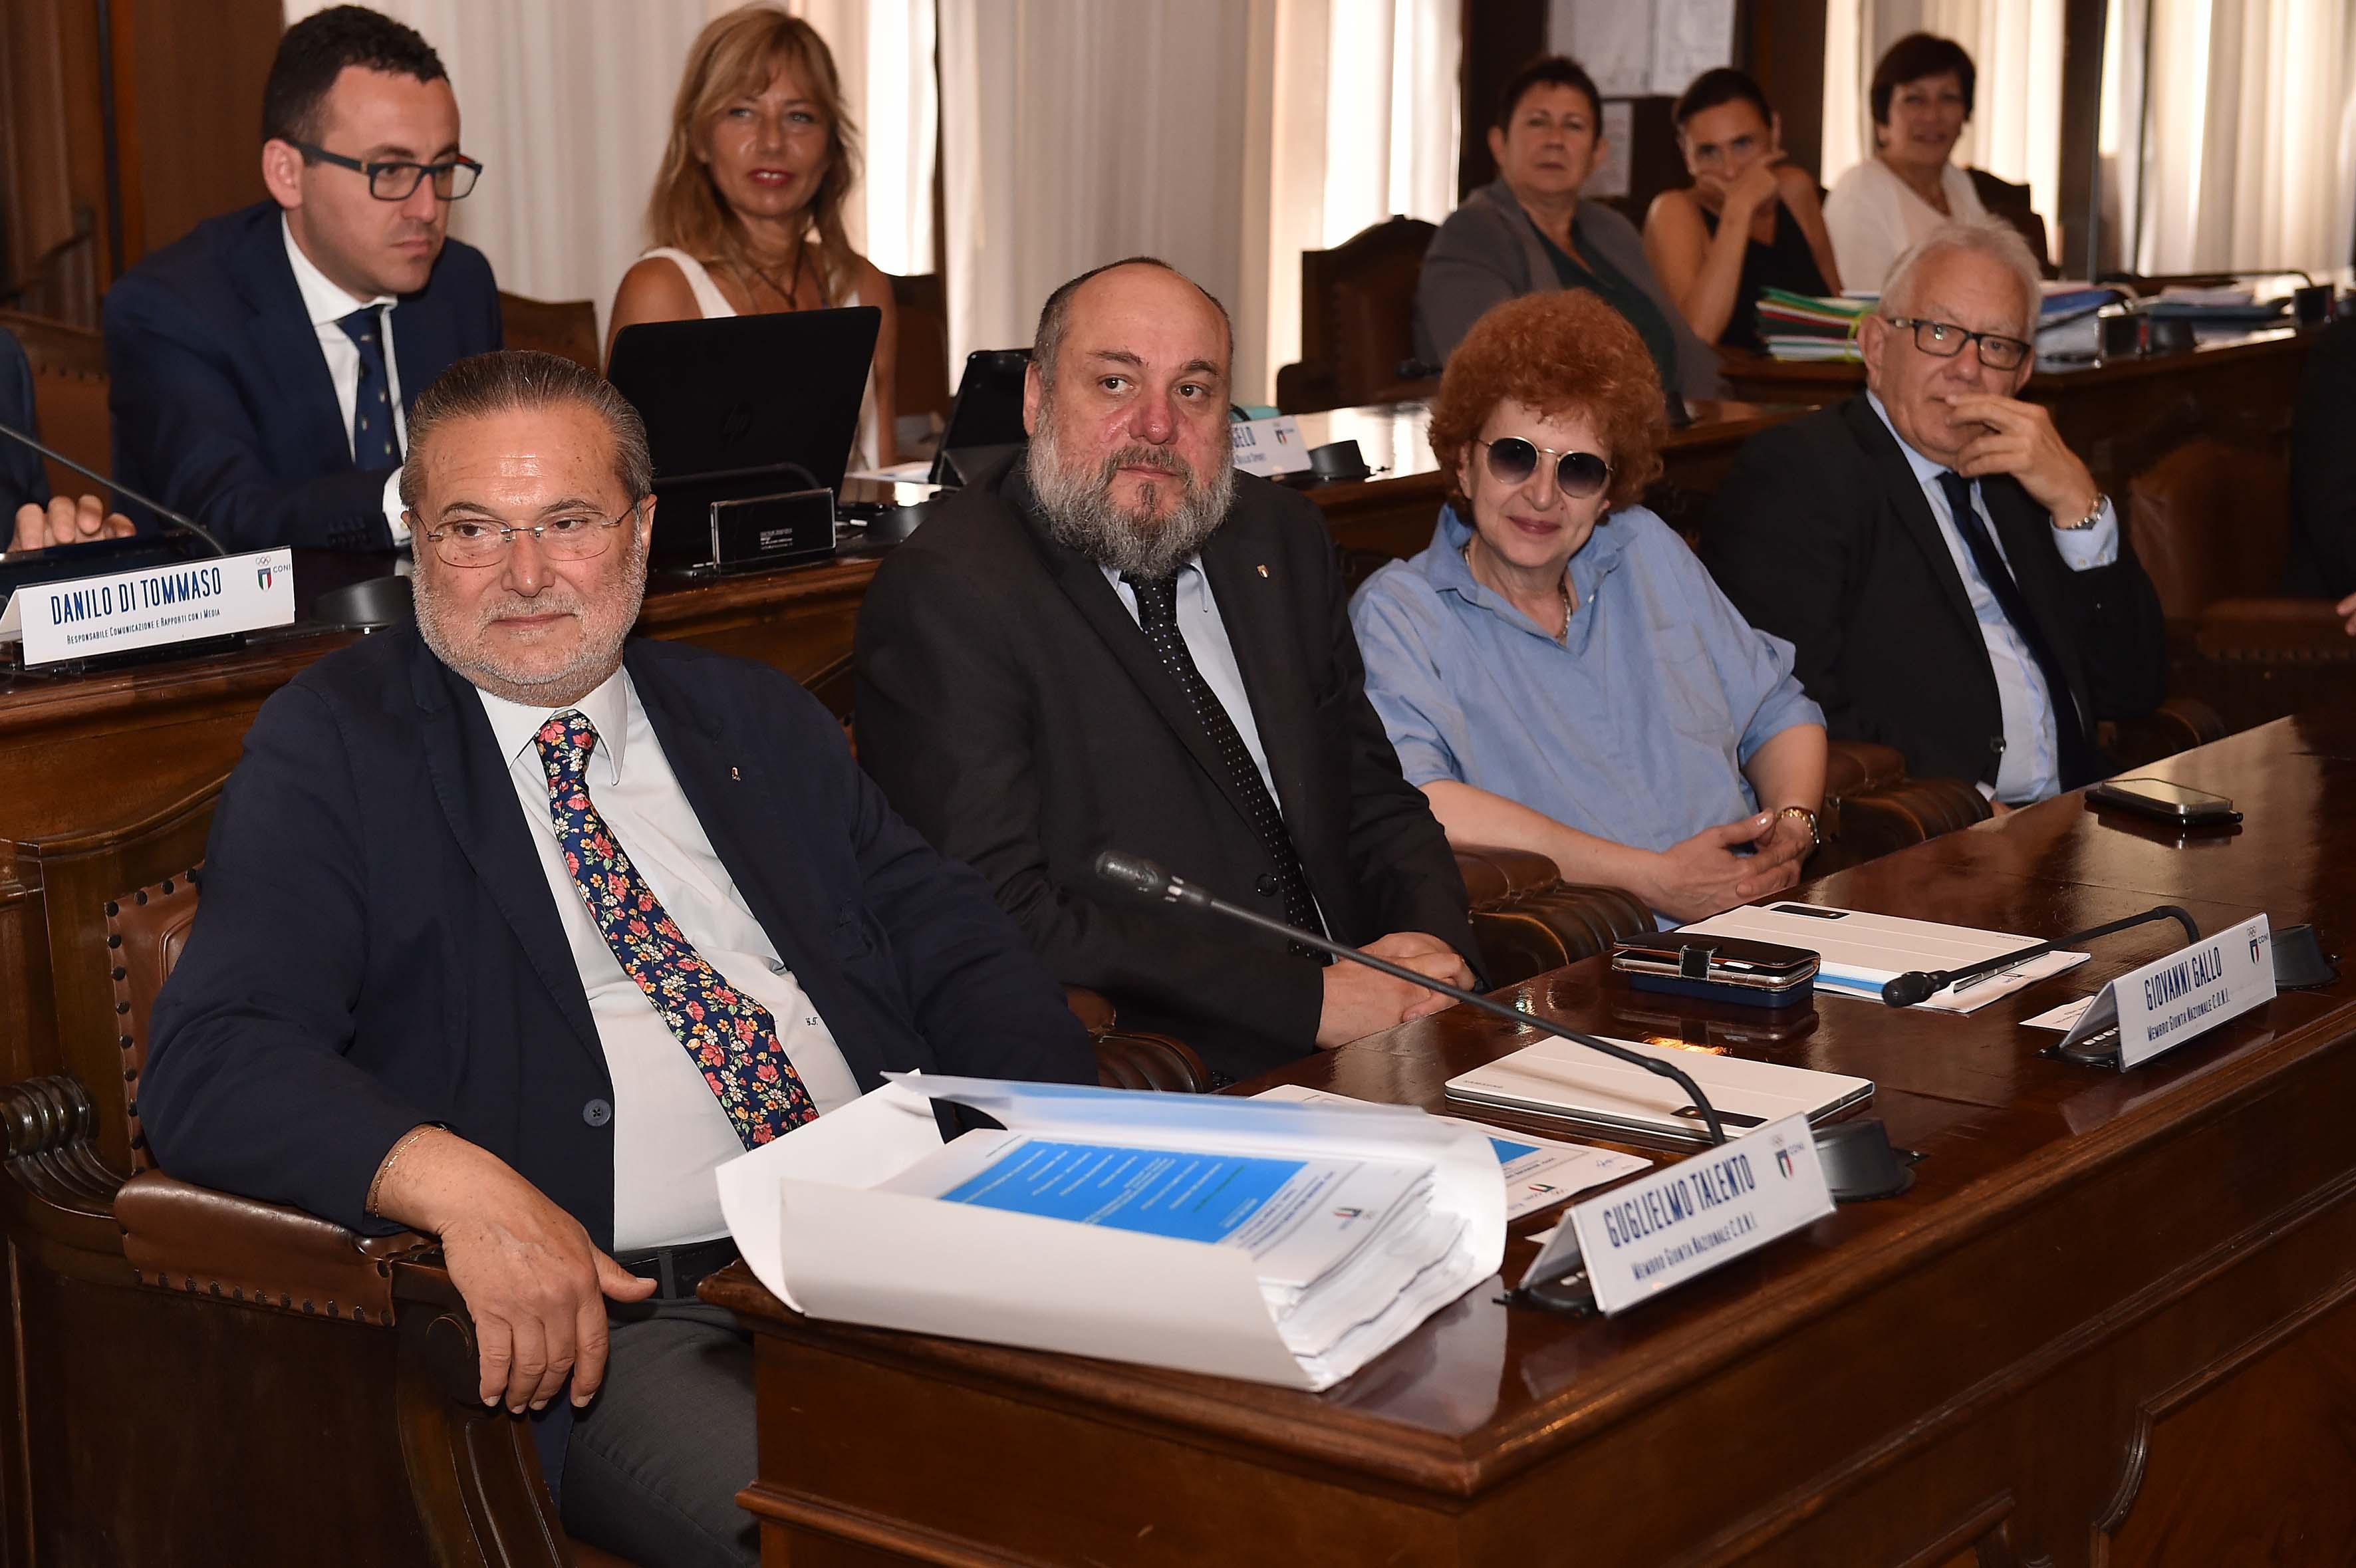 180612 0055 Trieste Giunta foto Simone Ferraro SFA_8685 copia